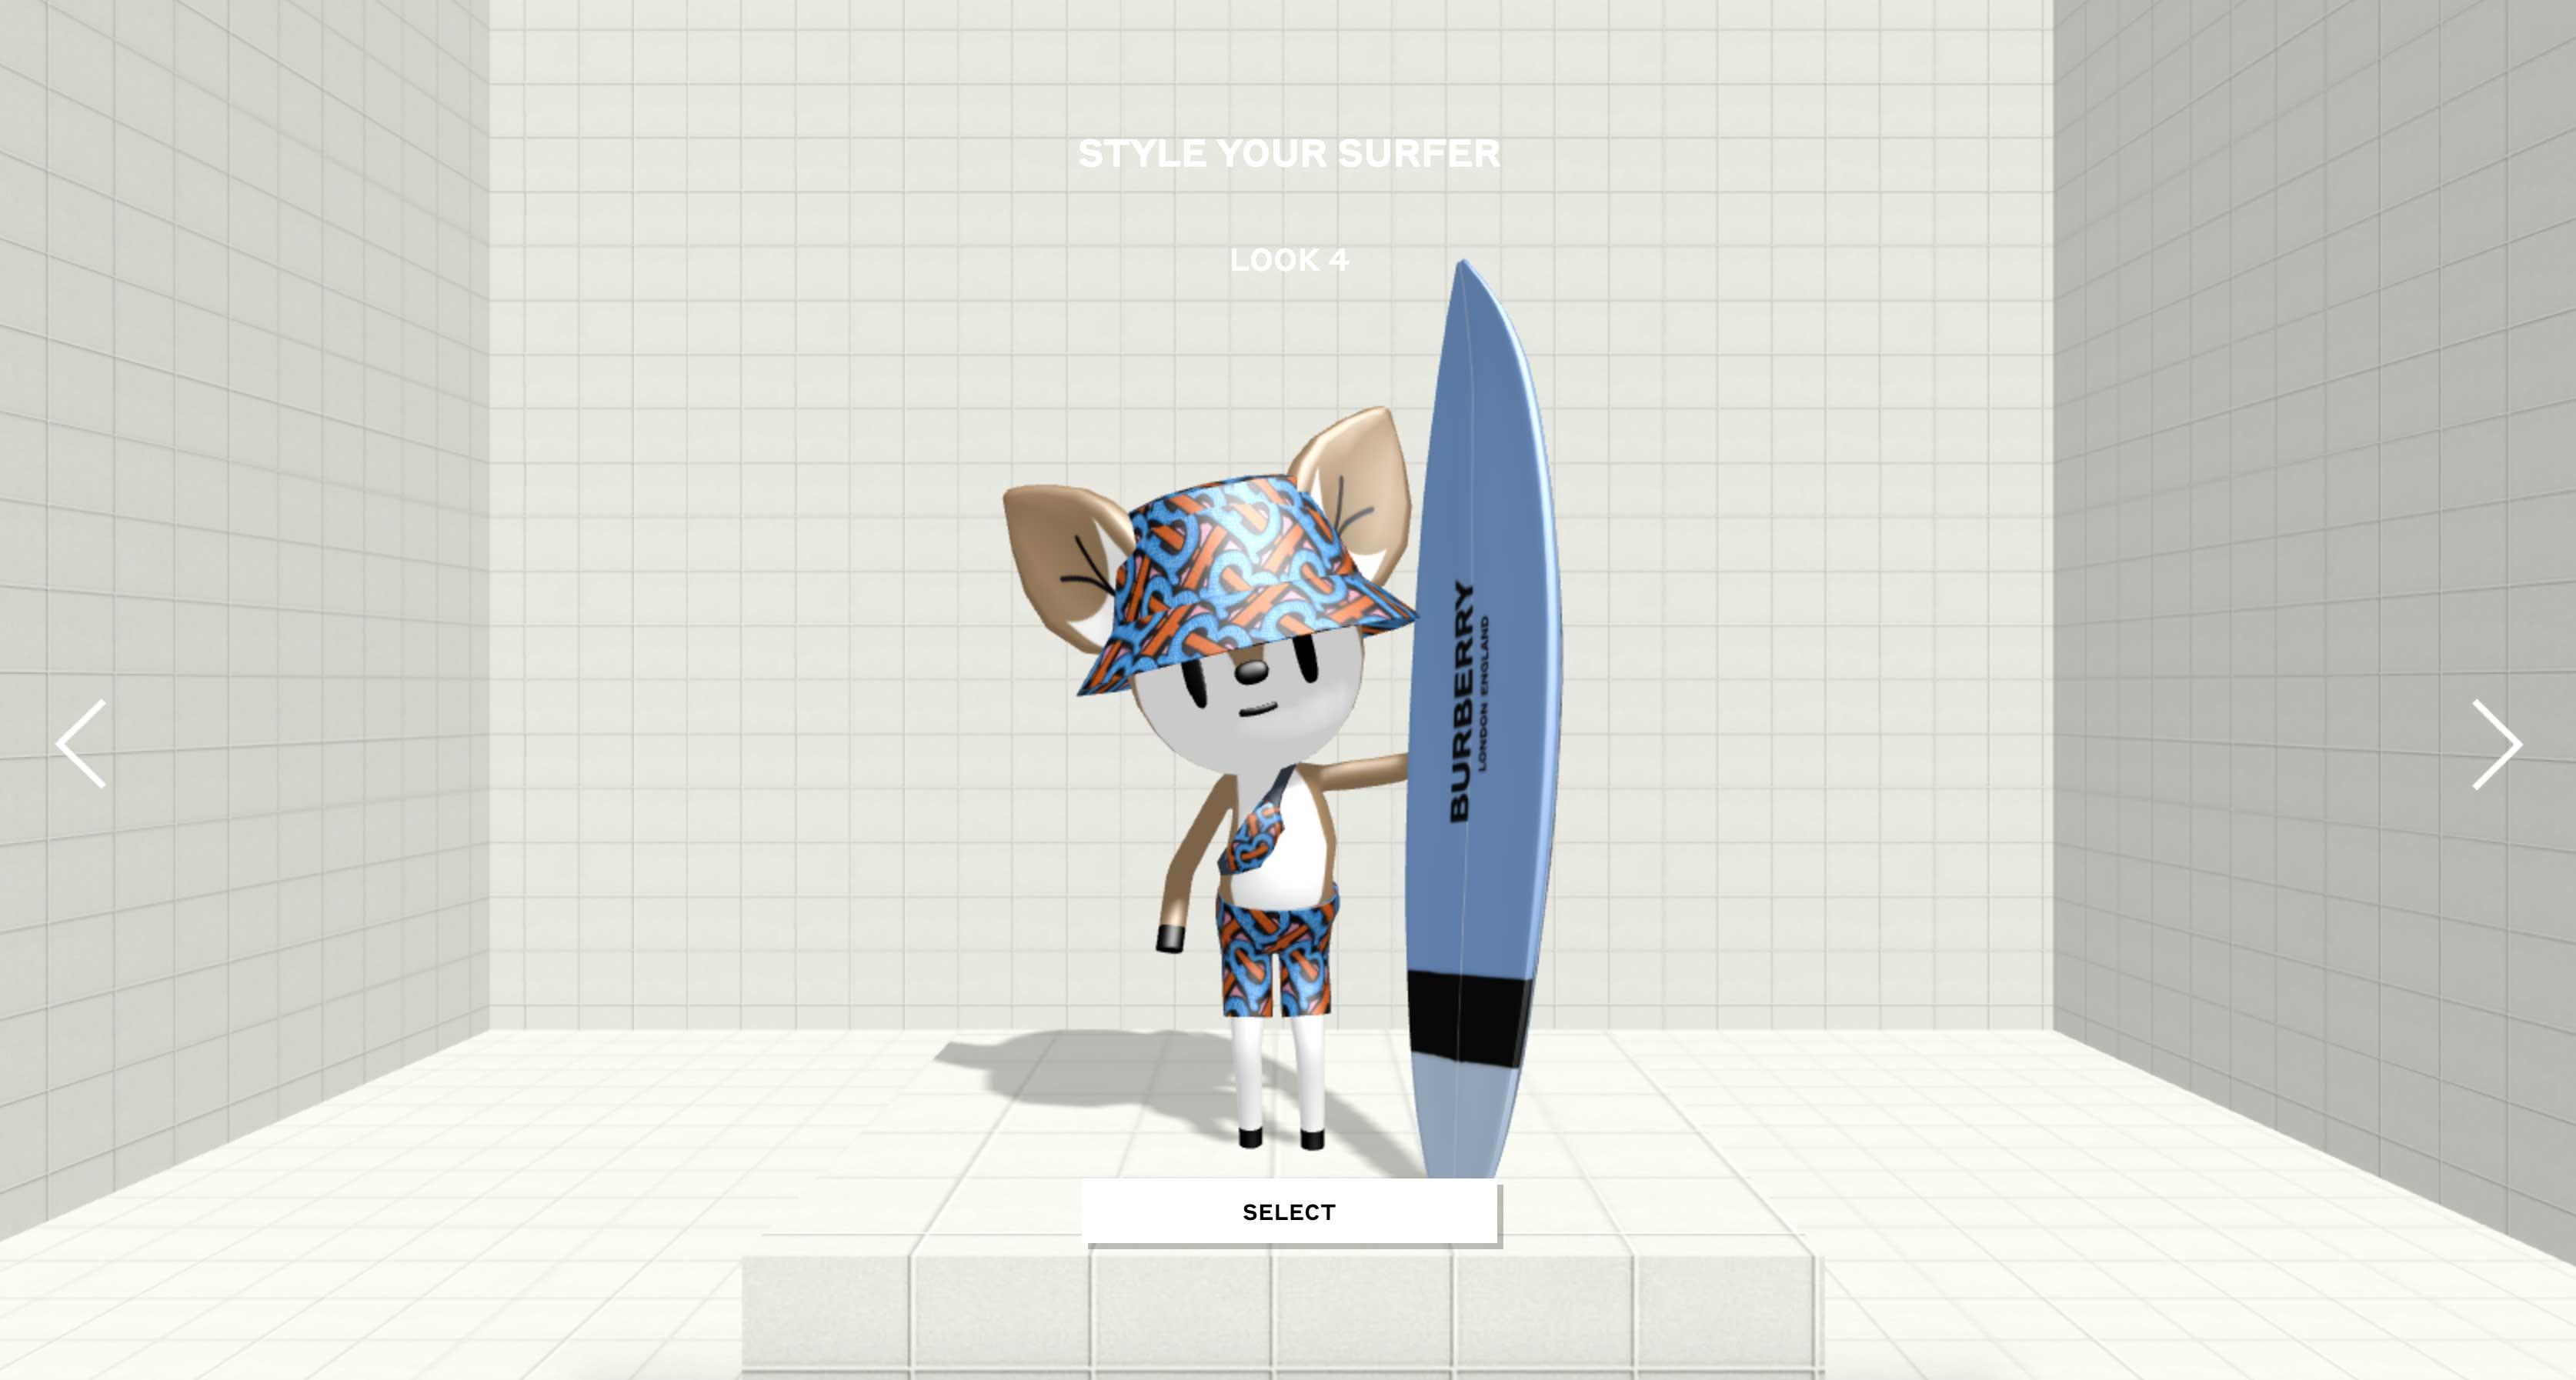 Tự tạo style cho nhân vật trong game B-Surf của Burberry